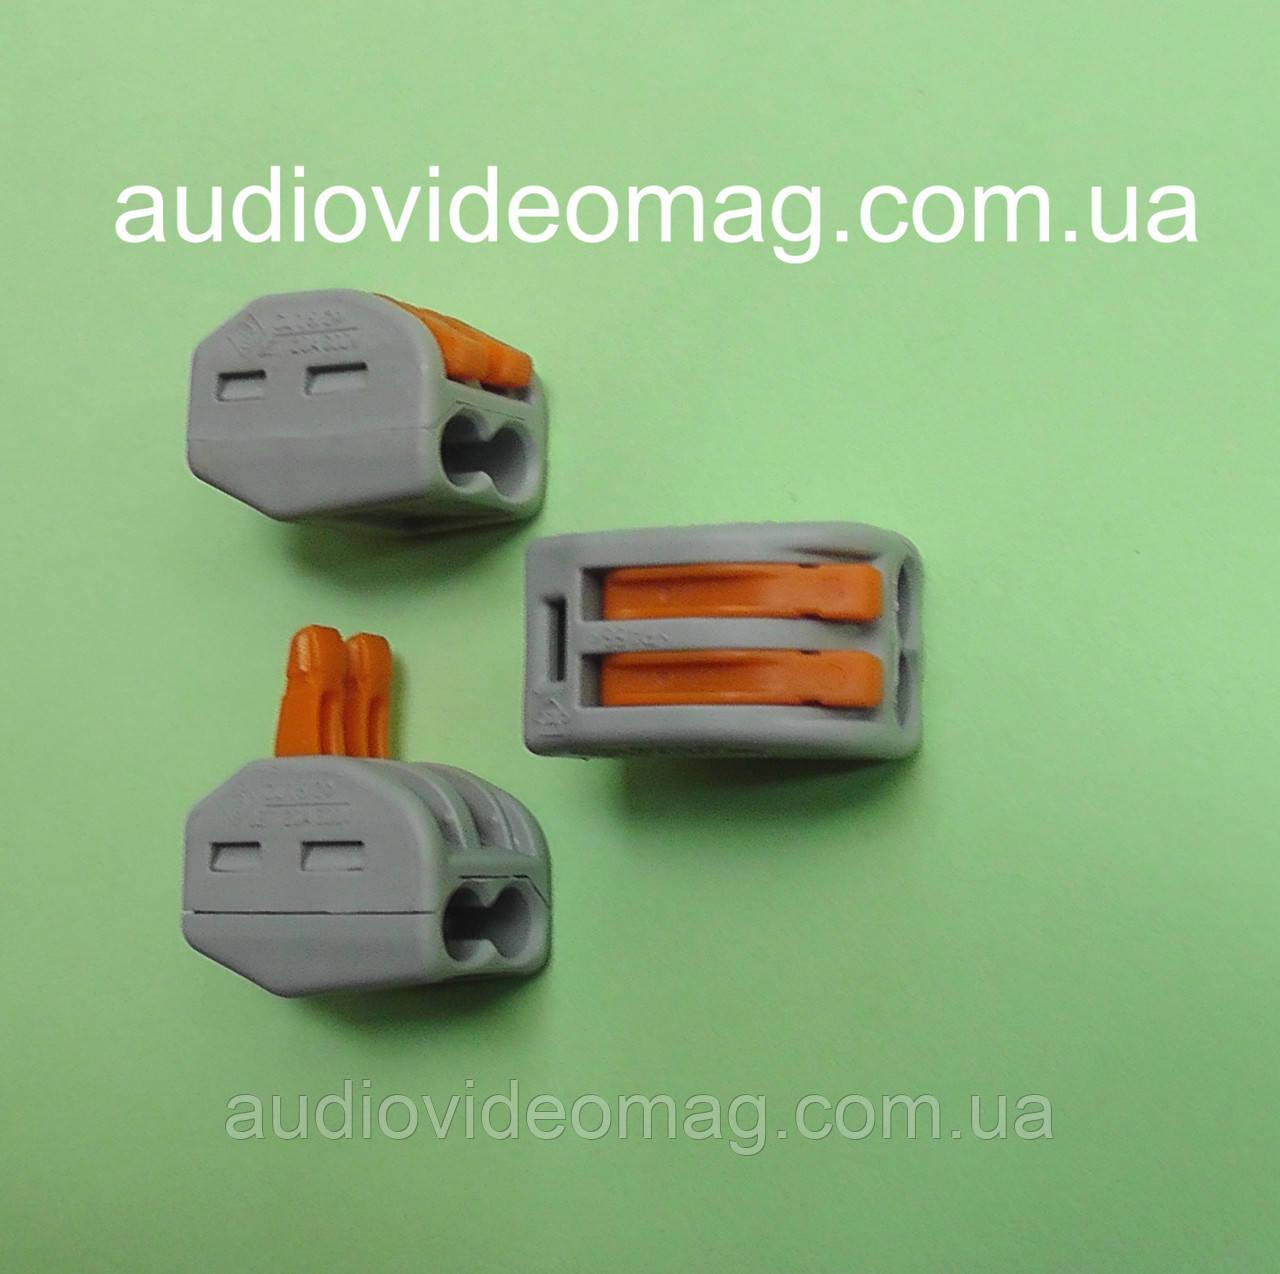 Многоразовая зажимная соединительная клемма 222-412 на 2 провода